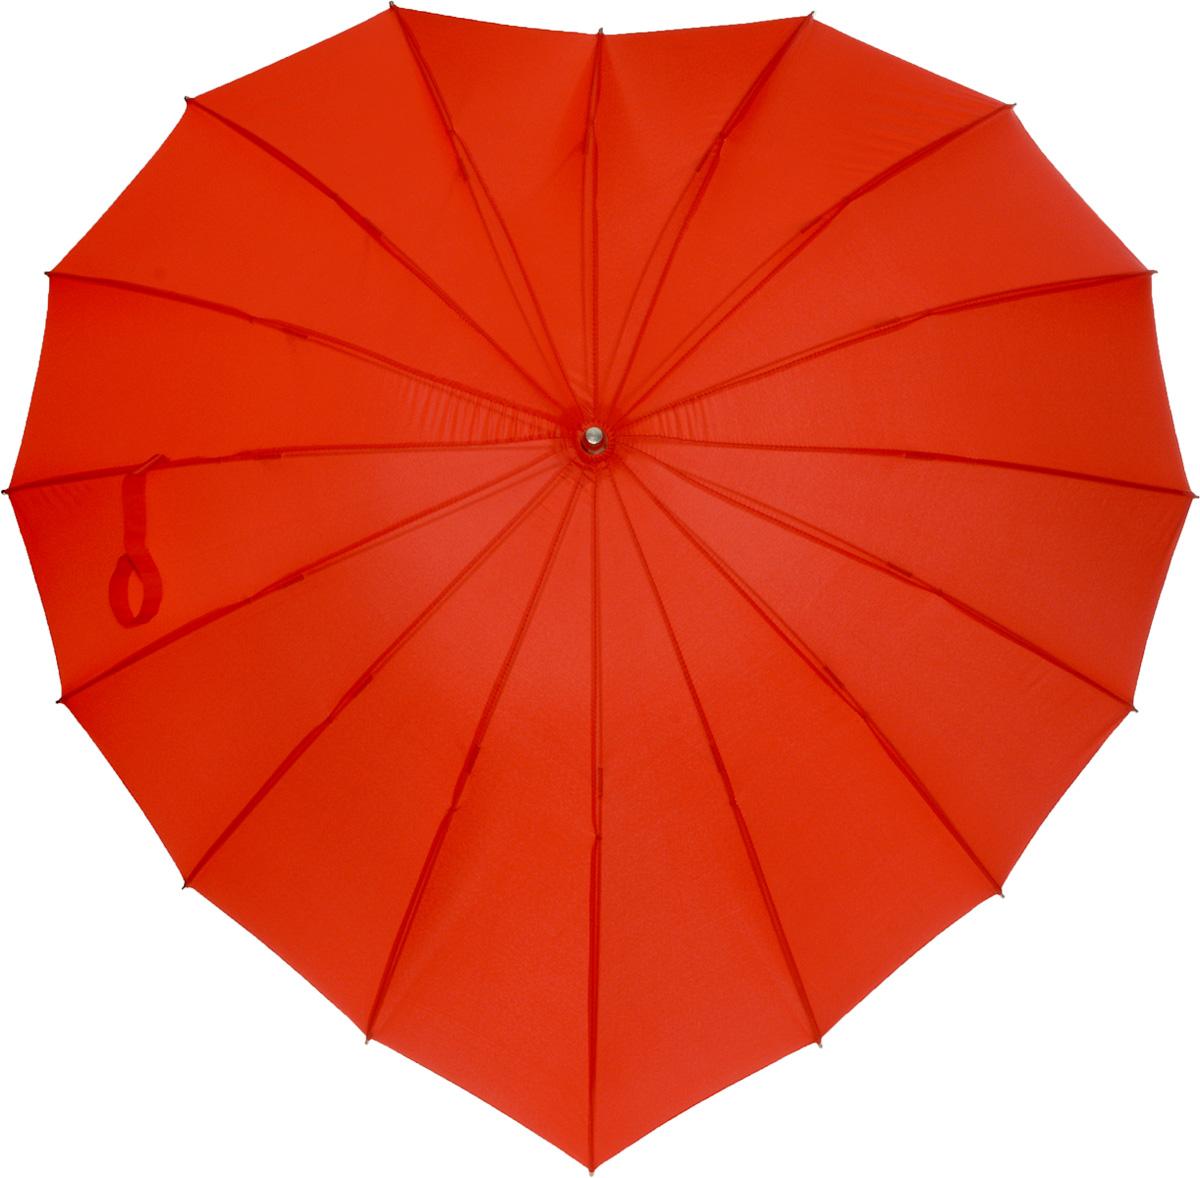 Зонт женский Эврика Сердце, цвет: красный. 9316093160Зонт для романтиков и влюбленных. Прекрасный подарок на свадьбу, годовщину начала отношений, день Святого Валентина и другой праздник, позволяющий сказать о любви.Широкий, нарядный и при этом вполне функциональный, зонт в виде сердечка укроет от непогоды и станет символом защиты от любых невзгод. Зонт-трость механический, 16 спиц с системой анти-ветер, металлическая прорезиненная ручка препятствует скольжению, материал купола - полиэстер с водоотталкивающей пропиткой.